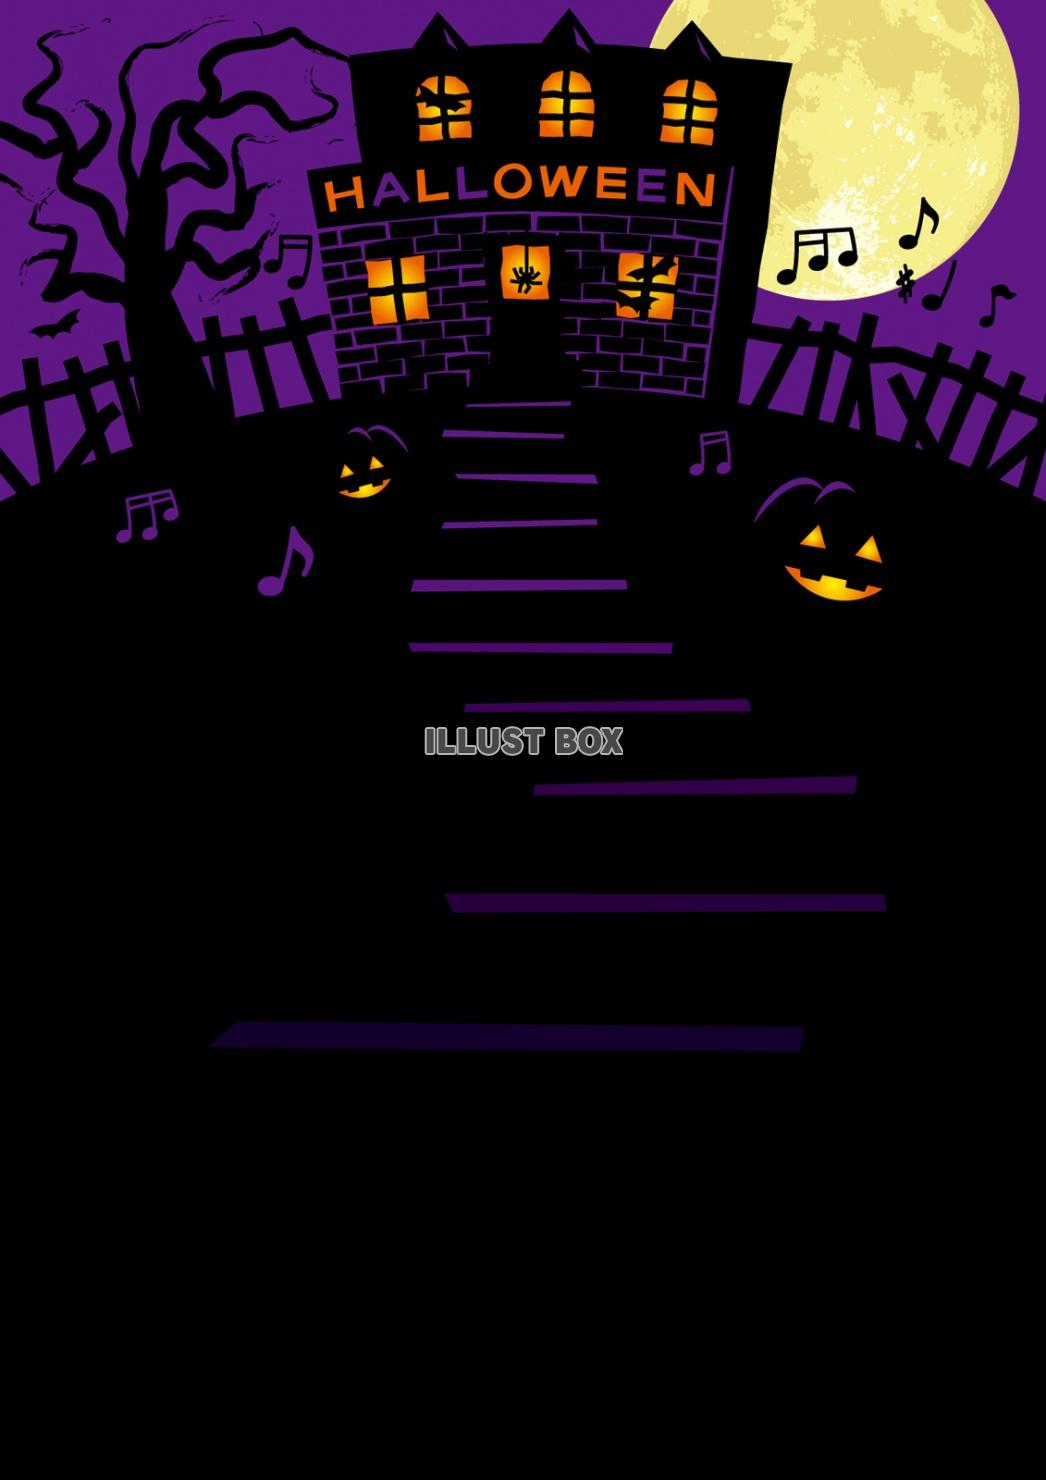 無料イラスト ハロウィンパーティーイベントの背景壁紙フレーム樹木夜